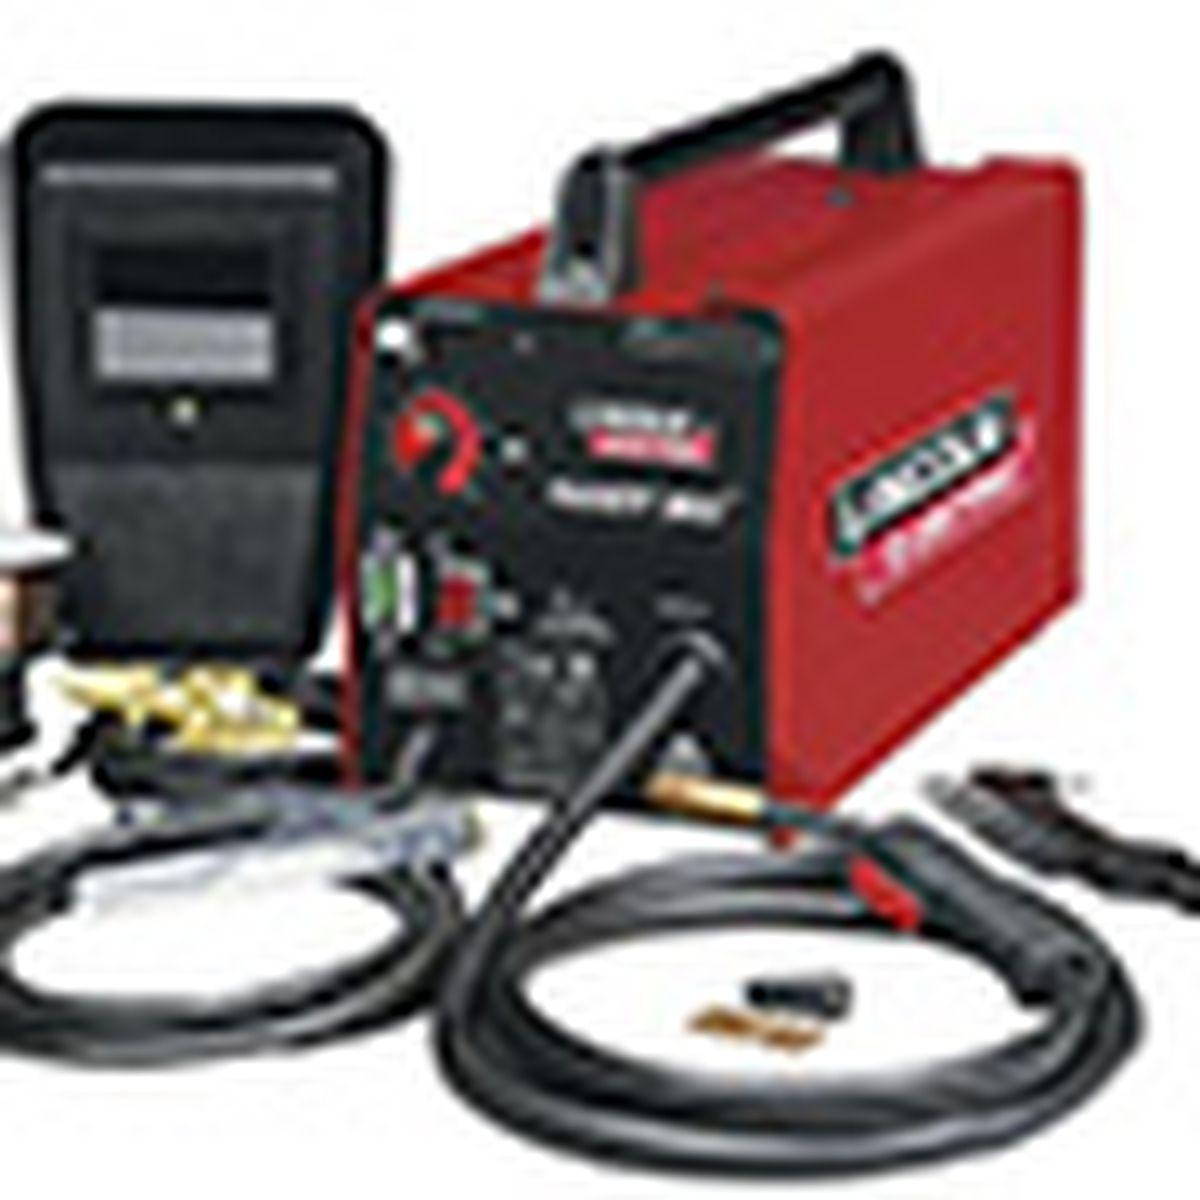 welding tool kit